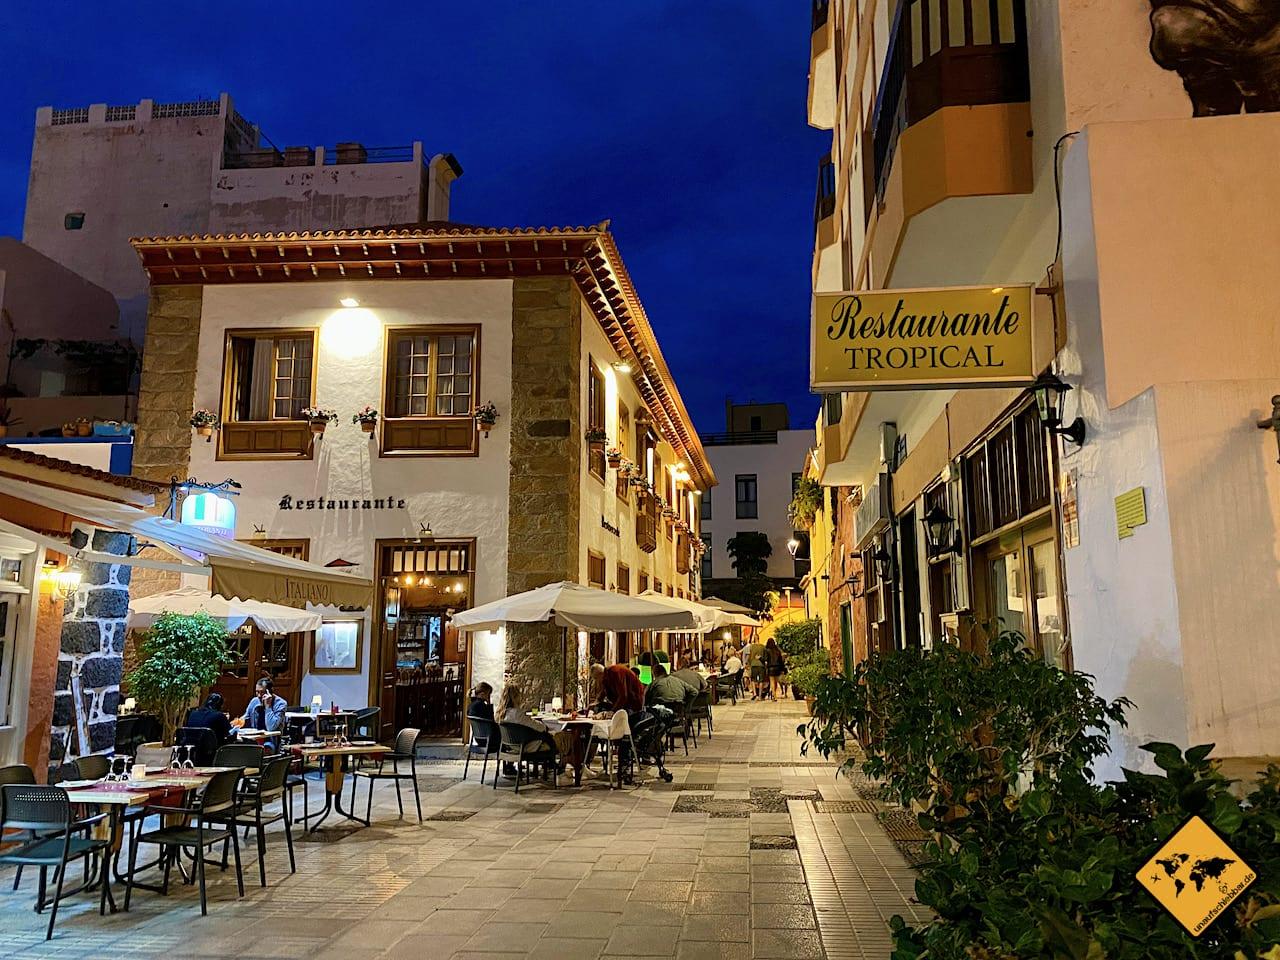 Corona Kanaren Restaurants Puerto de la Cruz Teneriffa